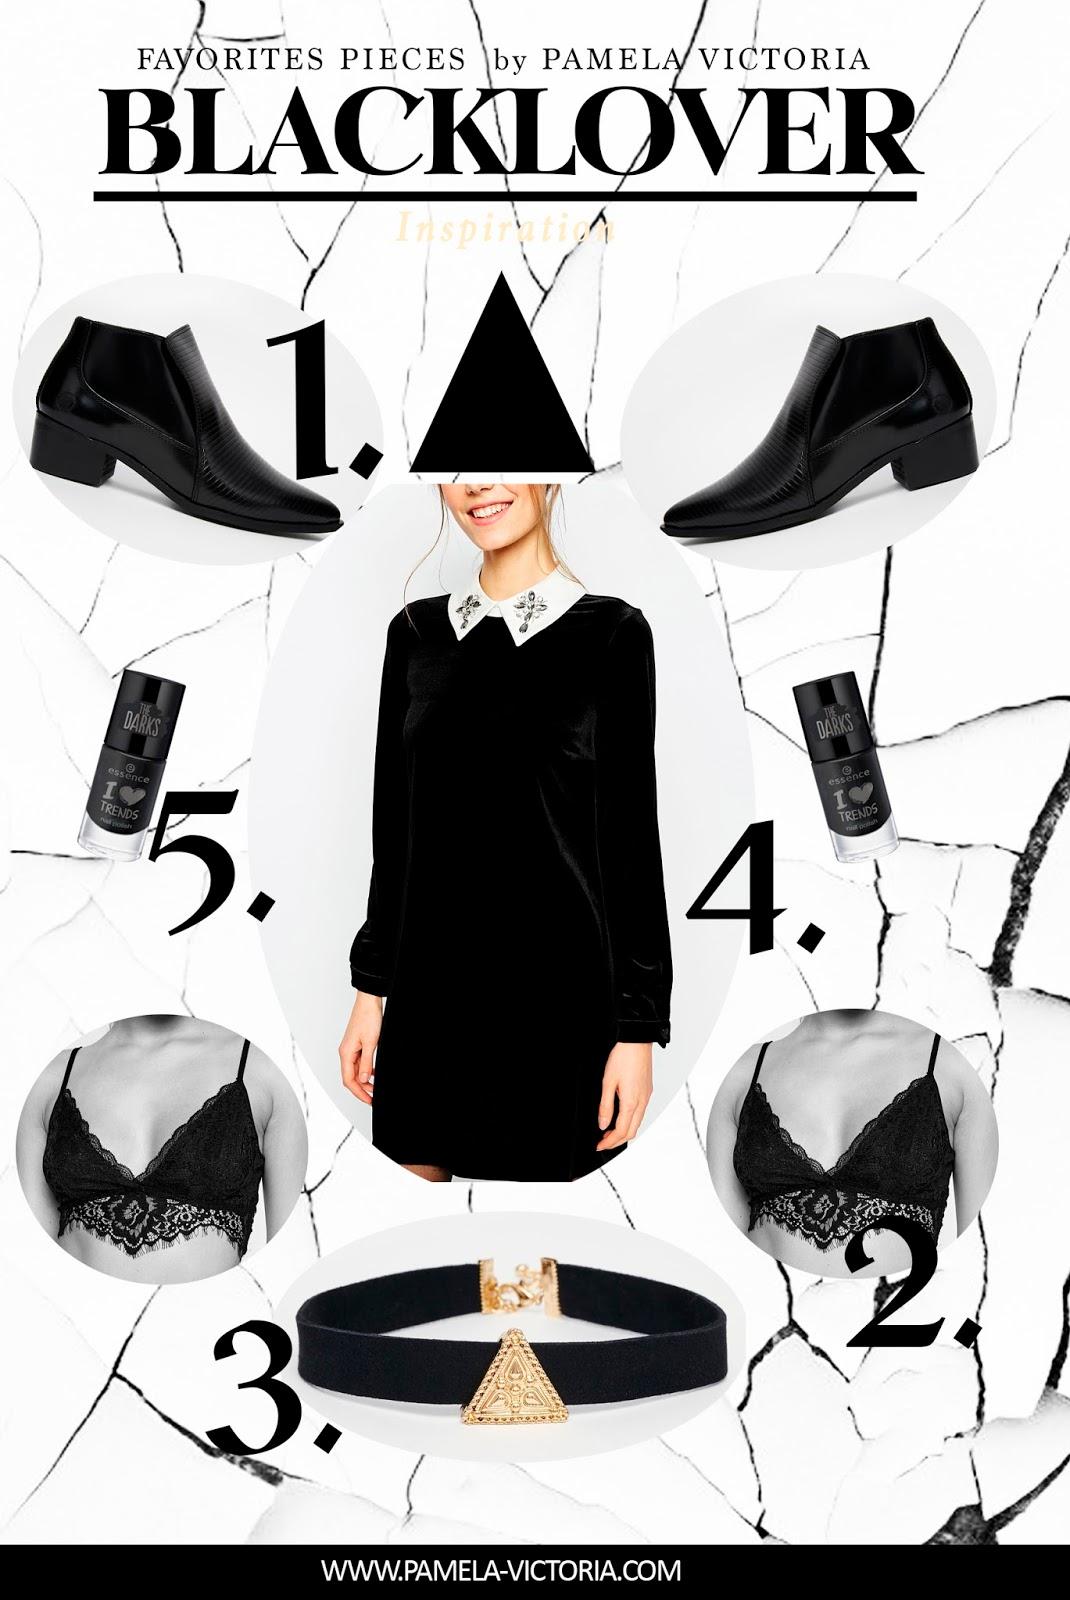 Vestido velvet, vestido negro, zapatos de charol, boston boots charol, esmalte negro, look negro, comprar vestido negro terciopelo